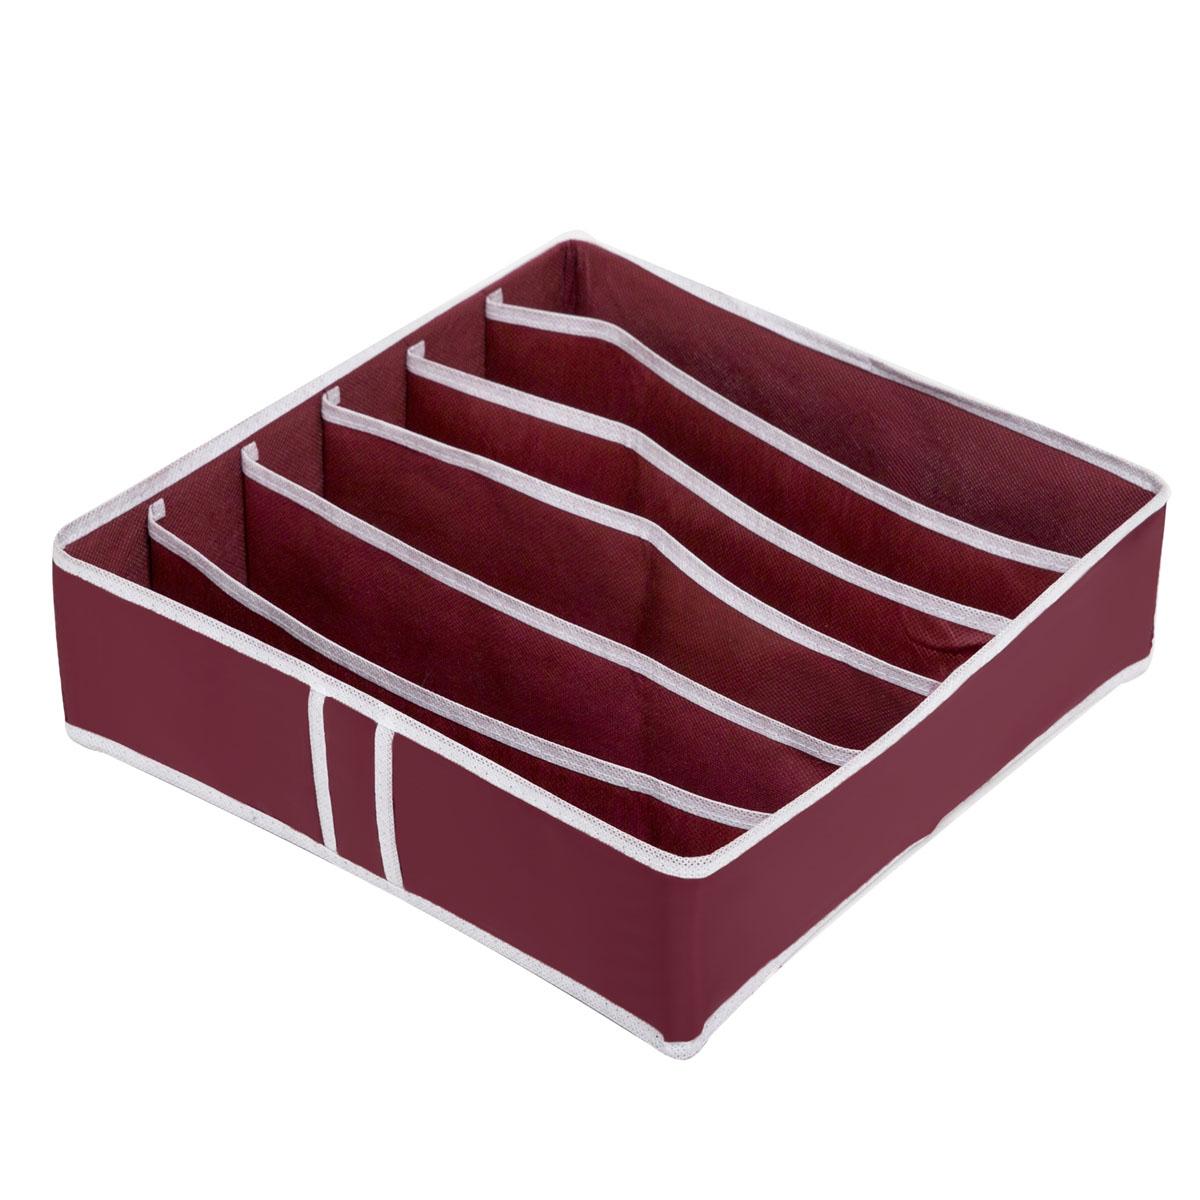 Органайзер для хранения Homsu Red Rose, 6 секций, 35 x 35 x 10 смHOM-13Компактный складной органайзер Homsu Red Rose изготовлен из высококачественного полиэстера, который обеспечивает естественную вентиляцию. Материал позволяет воздуху свободно проникать внутрь, но не пропускает пыль. Органайзер отлично держит форму, благодаря вставкам из плотного картона. Изделие имеет 6 секций для хранения нижнего белья, колготок, носков и другой одежды. Такой органайзер позволит вам хранить вещи компактно и удобно.